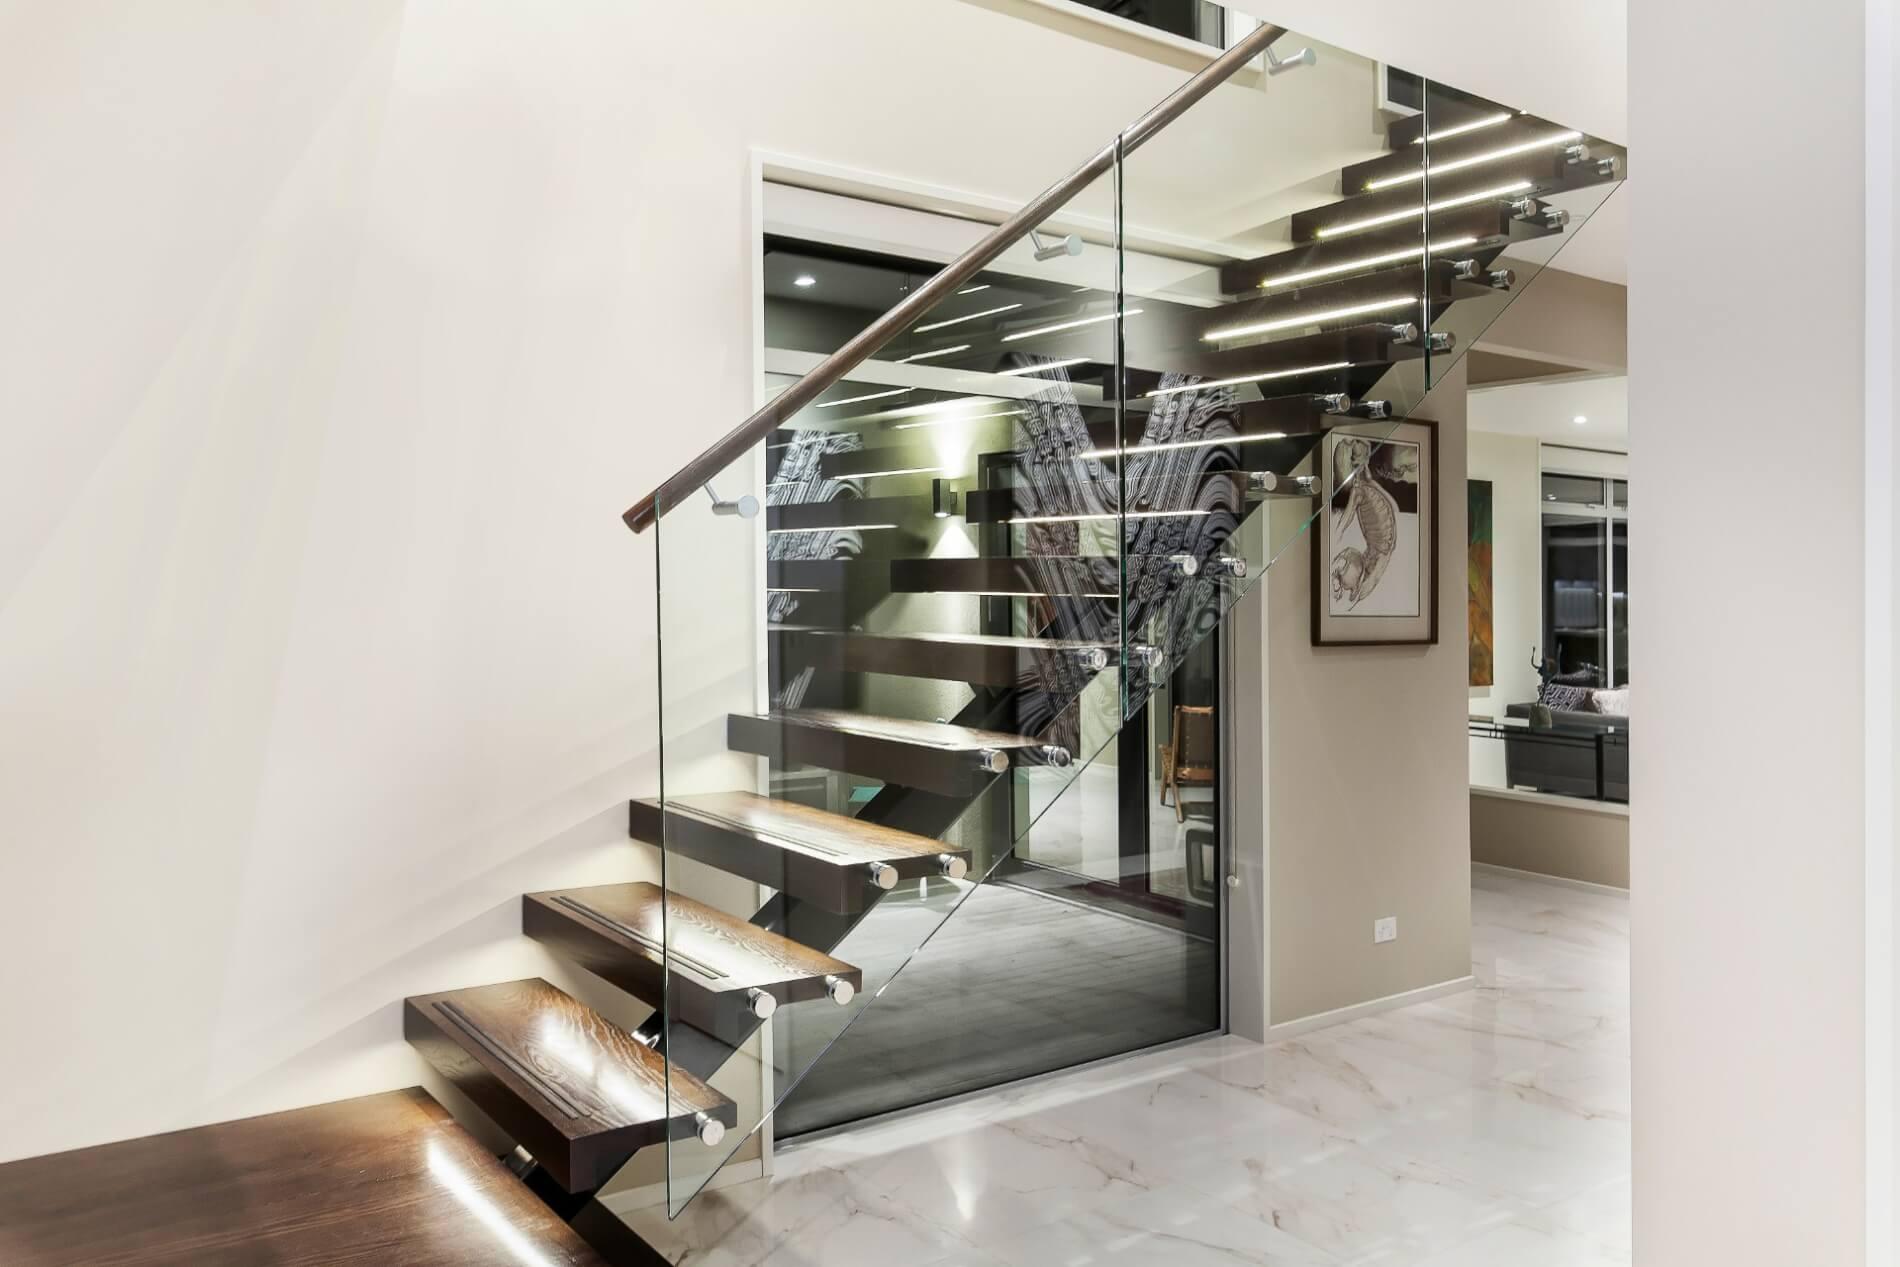 Mẫu cầu thang xương cá hiện đại cho không gian sang trọng như Biệt Thự, Penthouse